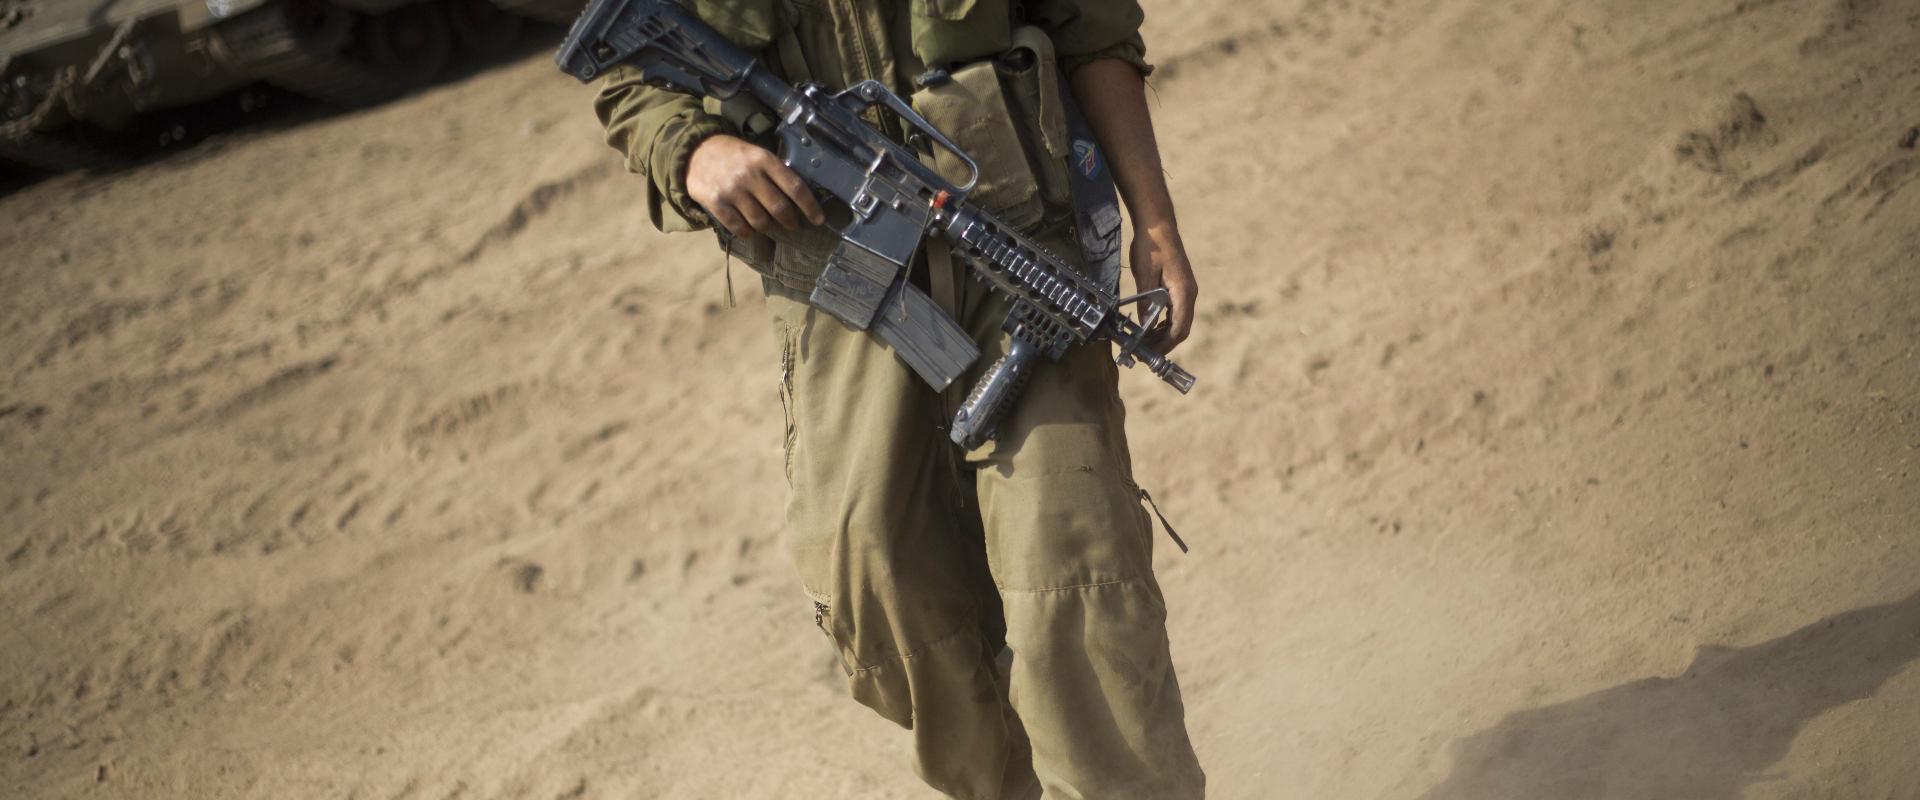 """חייל צה""""ל (למצולם אין קשר לנאמר בידיעה)"""